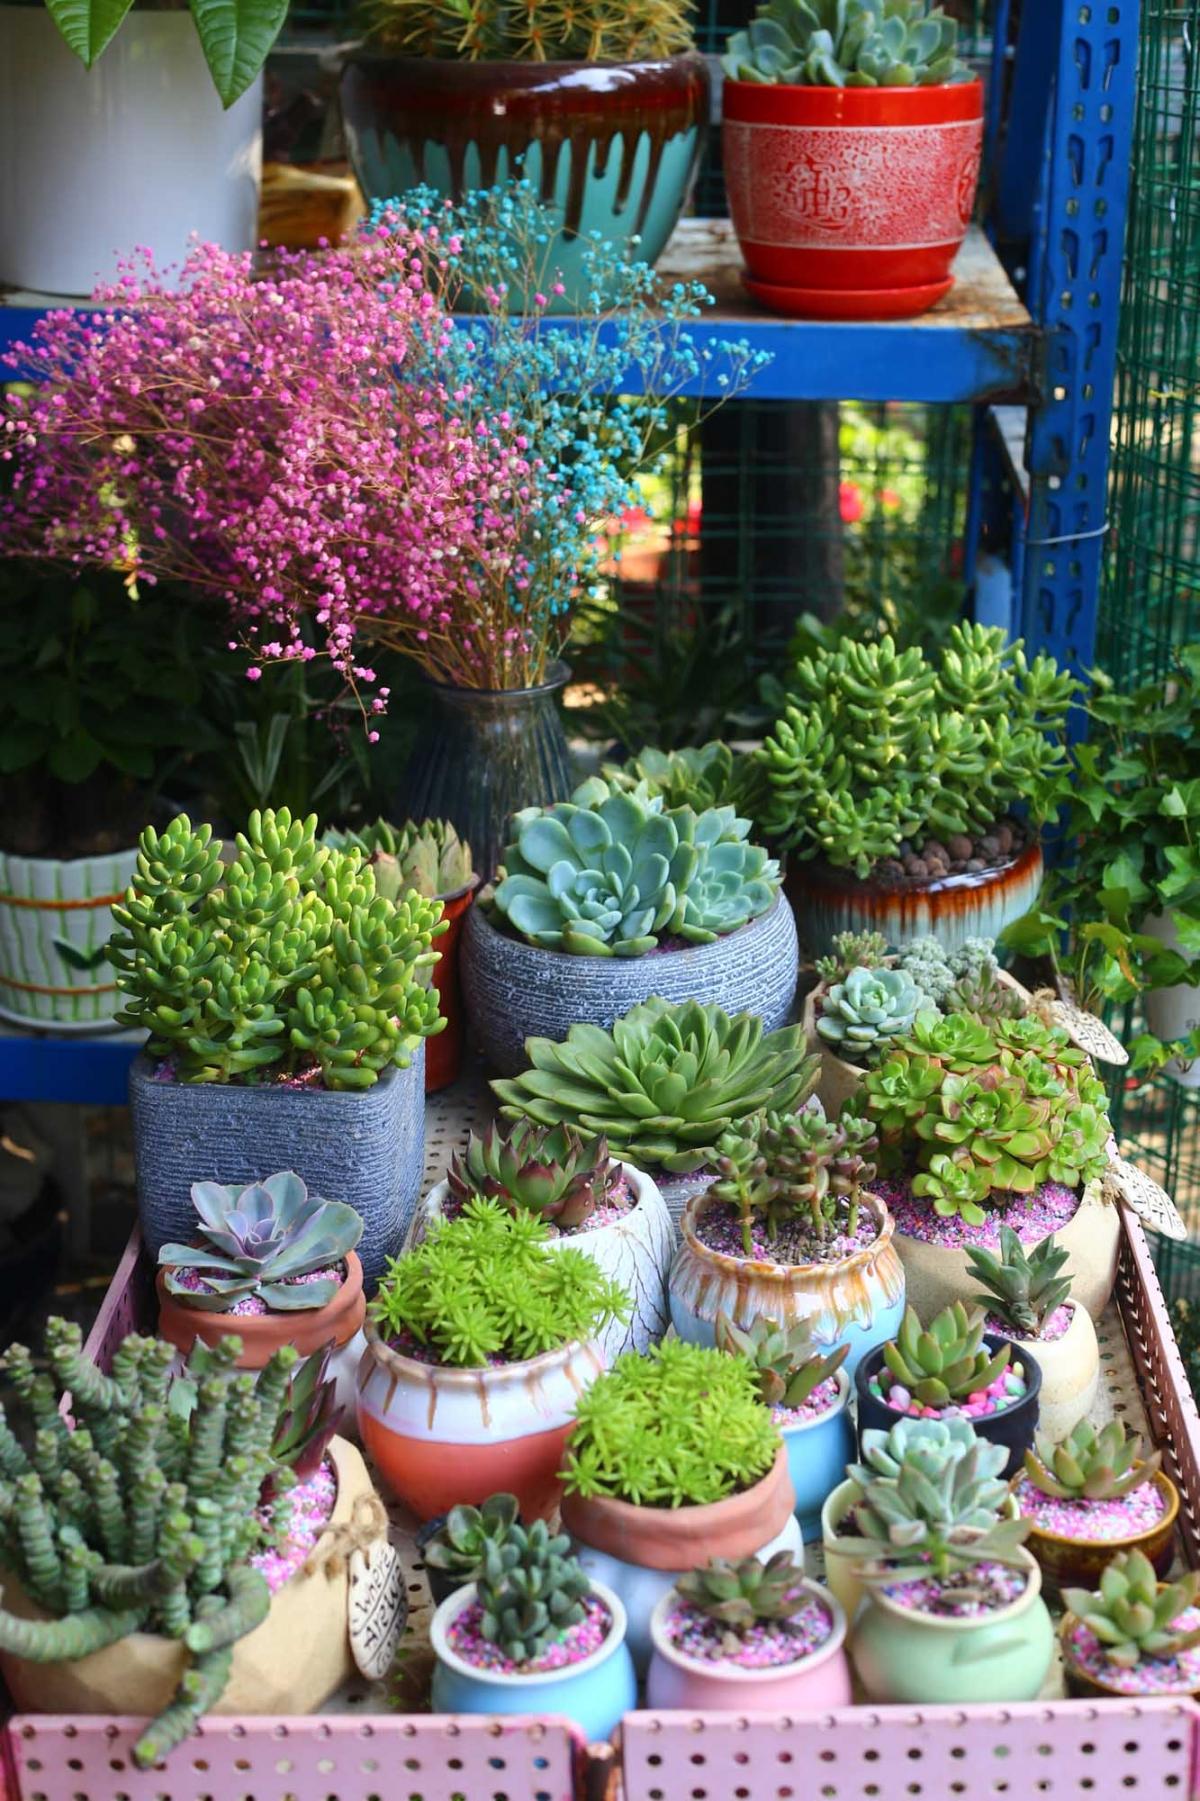 不用出远门,就在家附近的花鸟市场,拍拍几张得了。